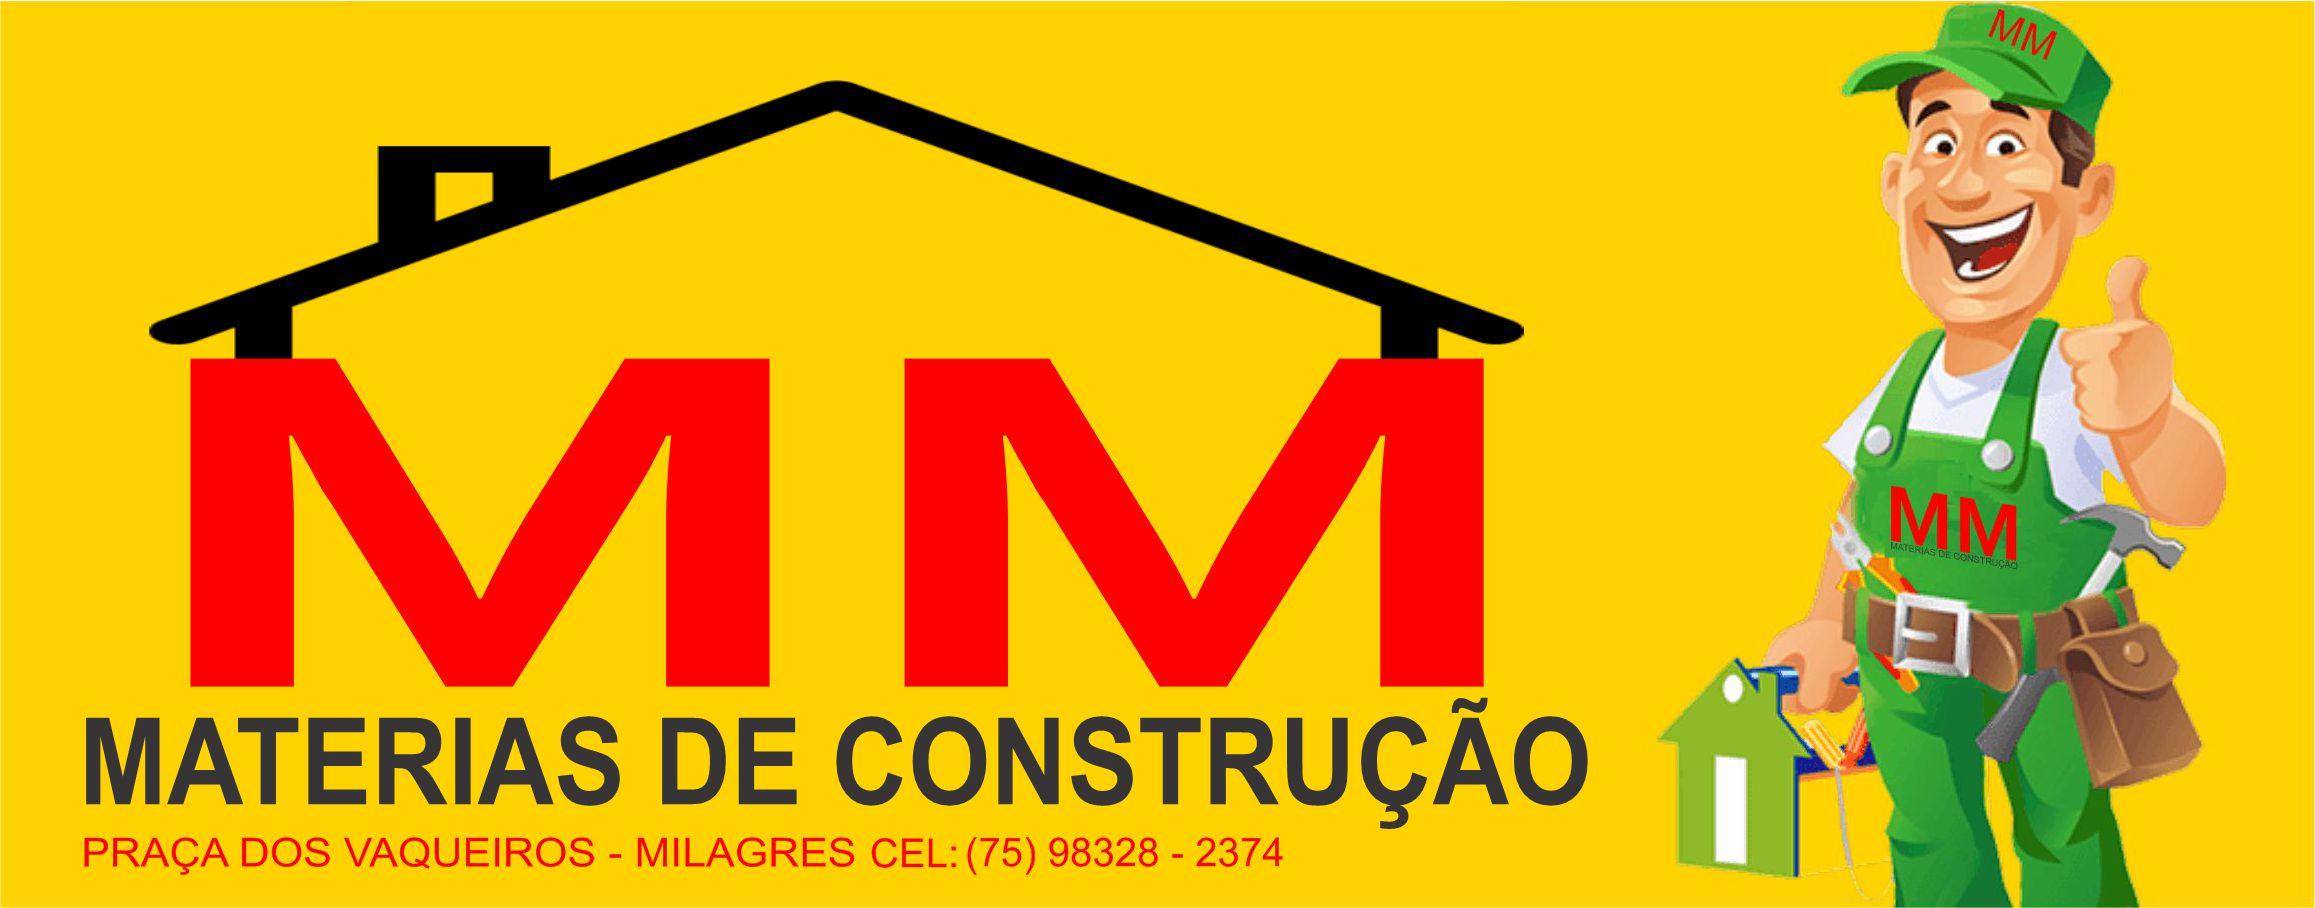 Publicidade MM MATERIAL DE CONSTRUÇÃO